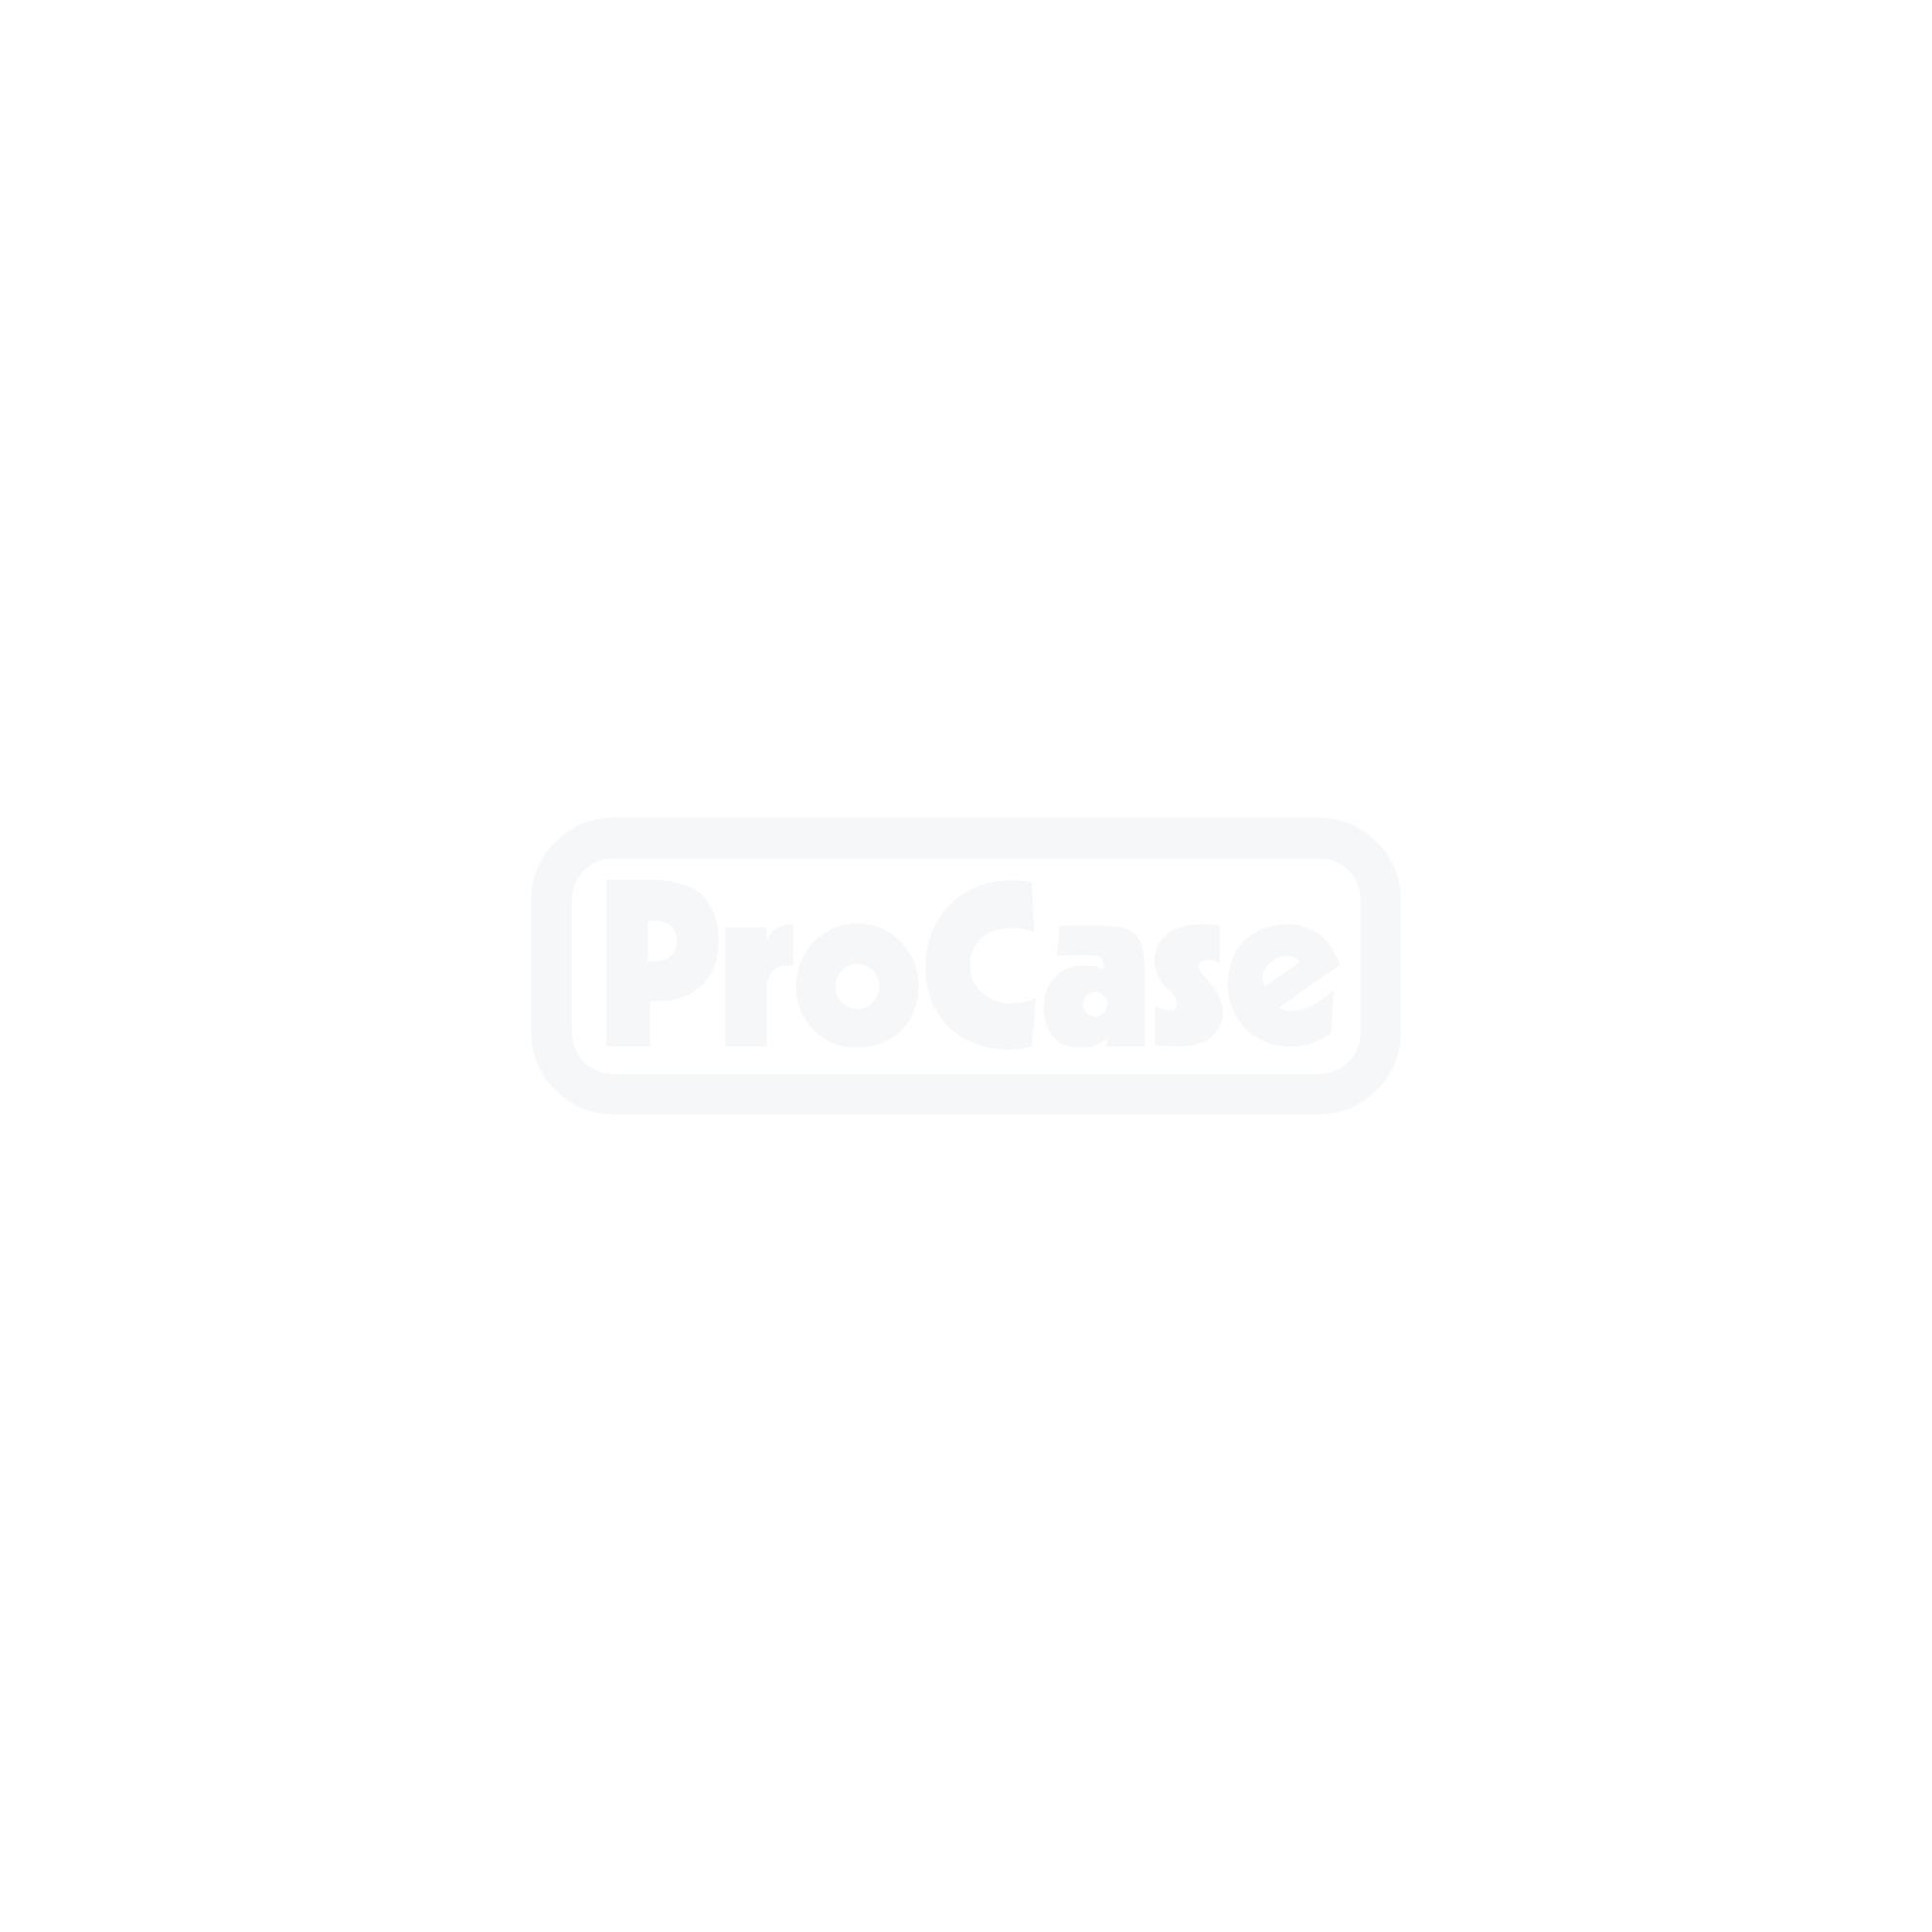 Flighcase für 4x d&b T10 Lautsprecher 2